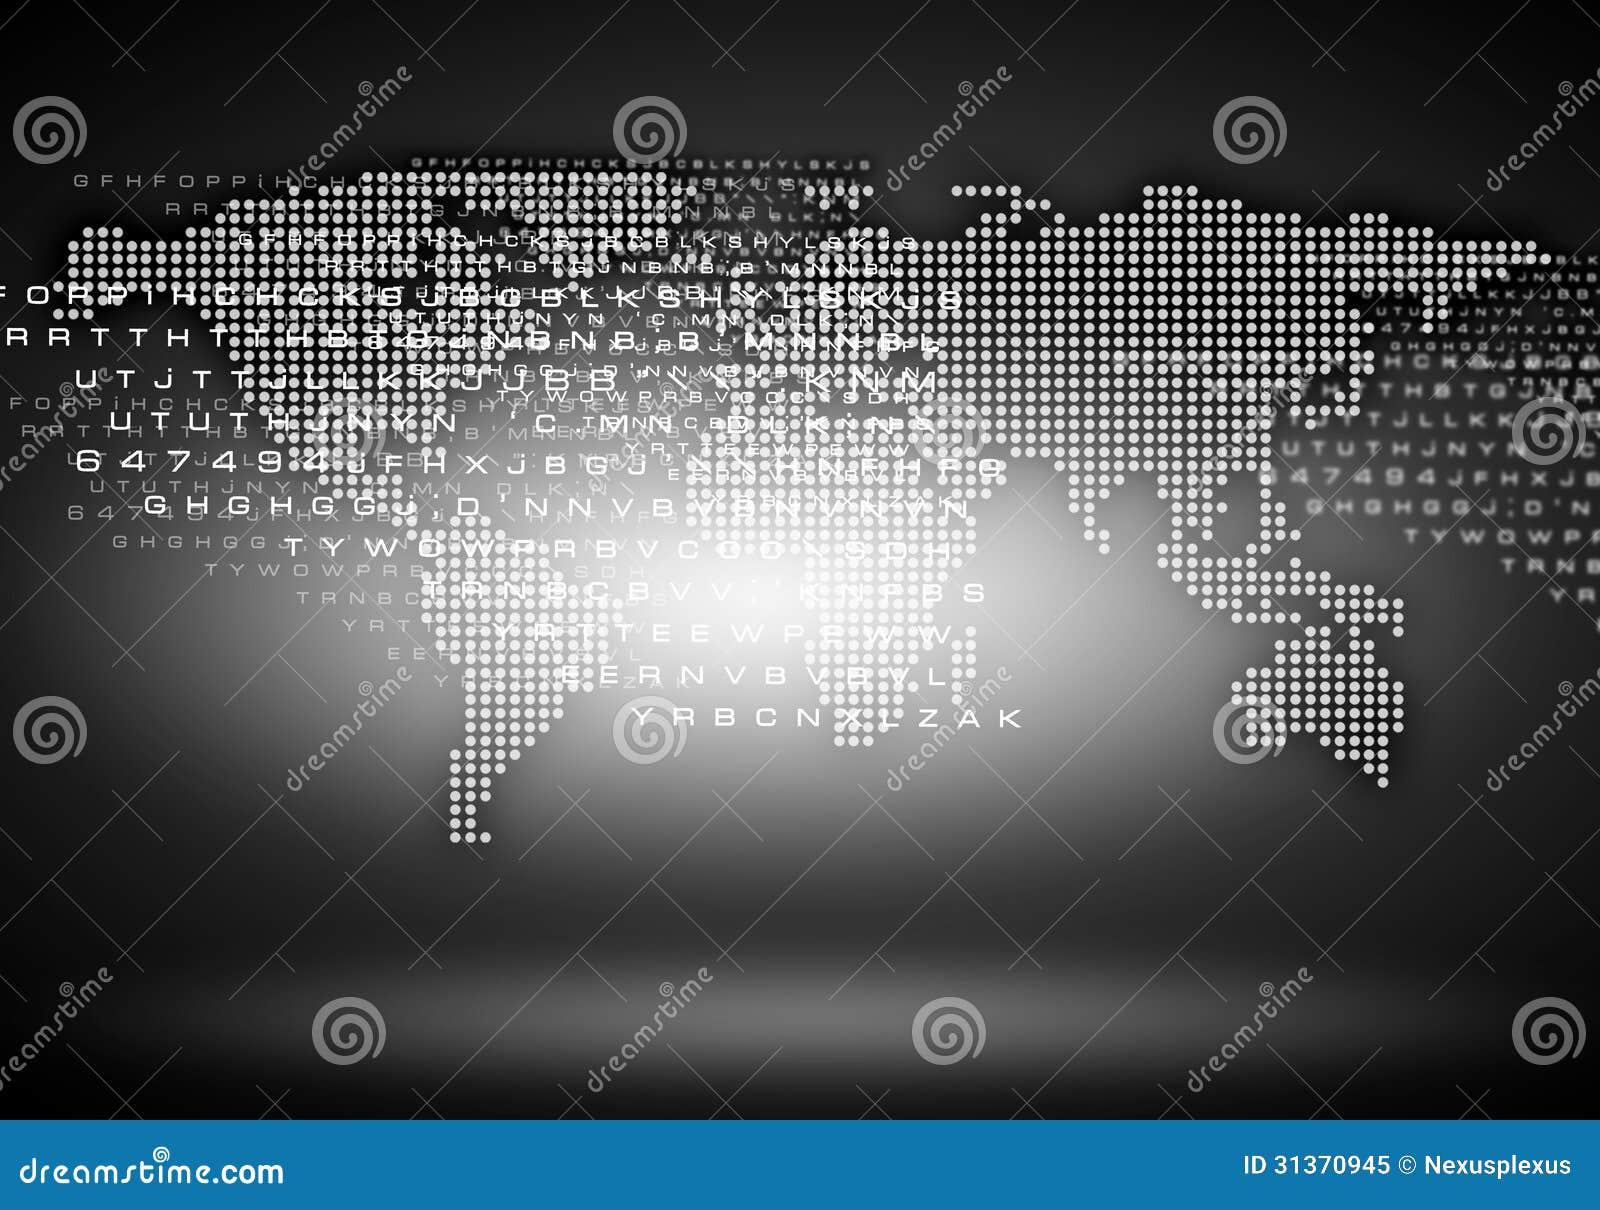 World map stock illustration illustration of background 31370945 world map gumiabroncs Images